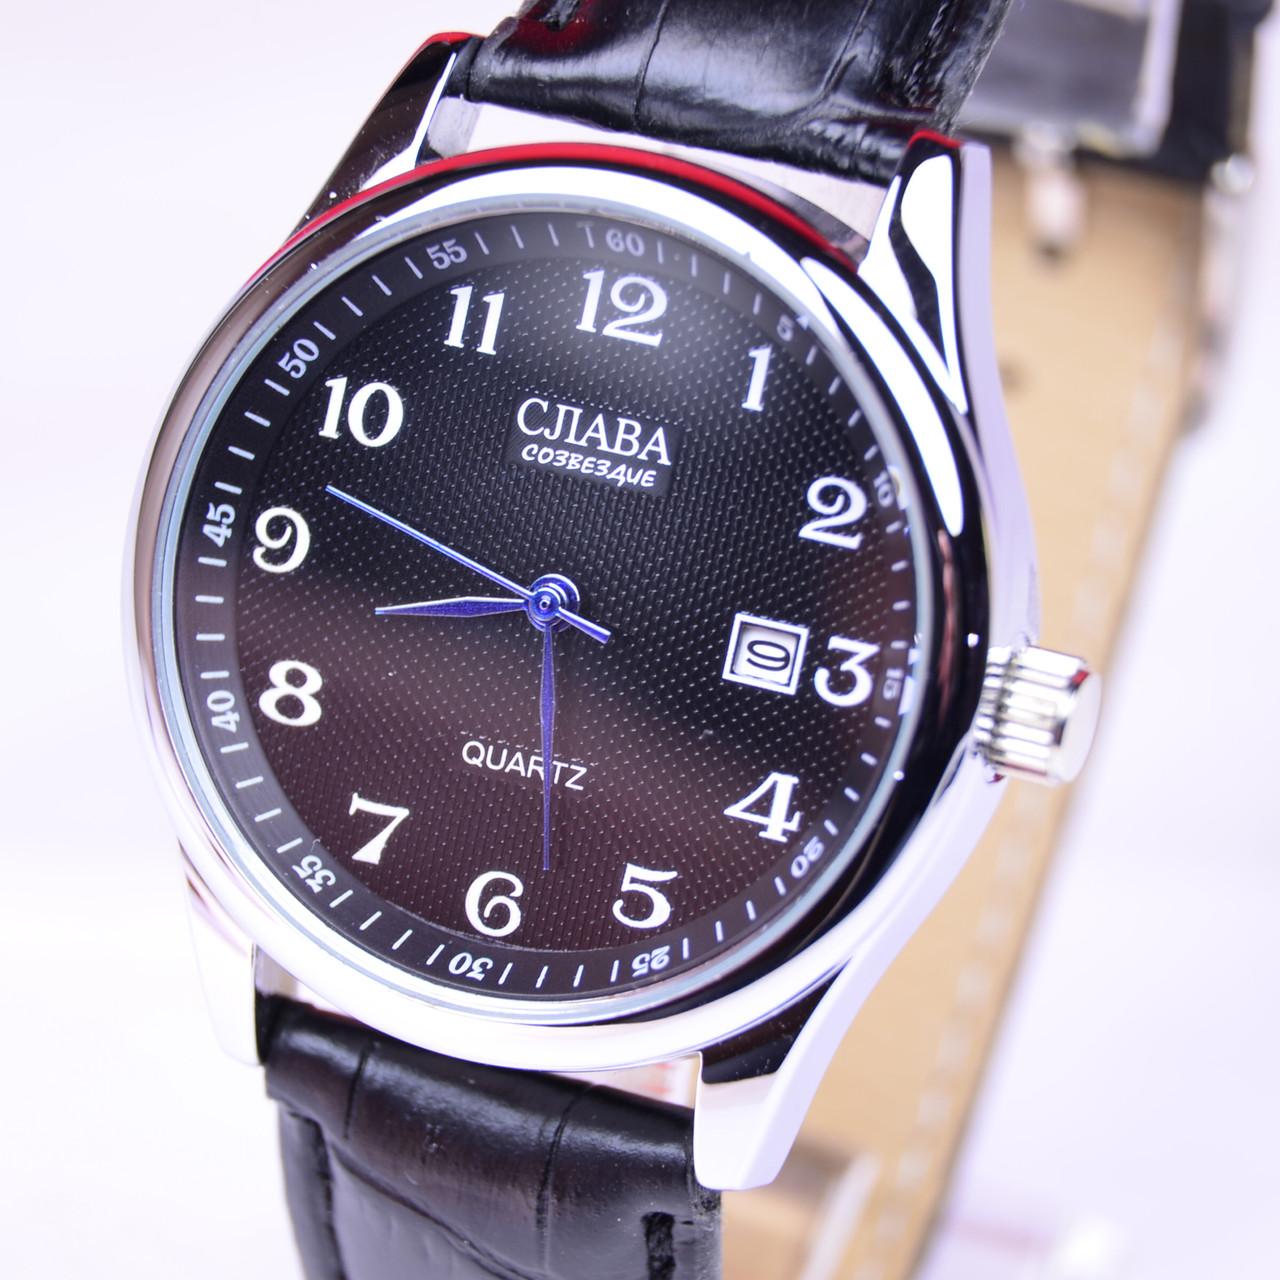 Наручные слава продать где часы часы куда можно наручные сдать